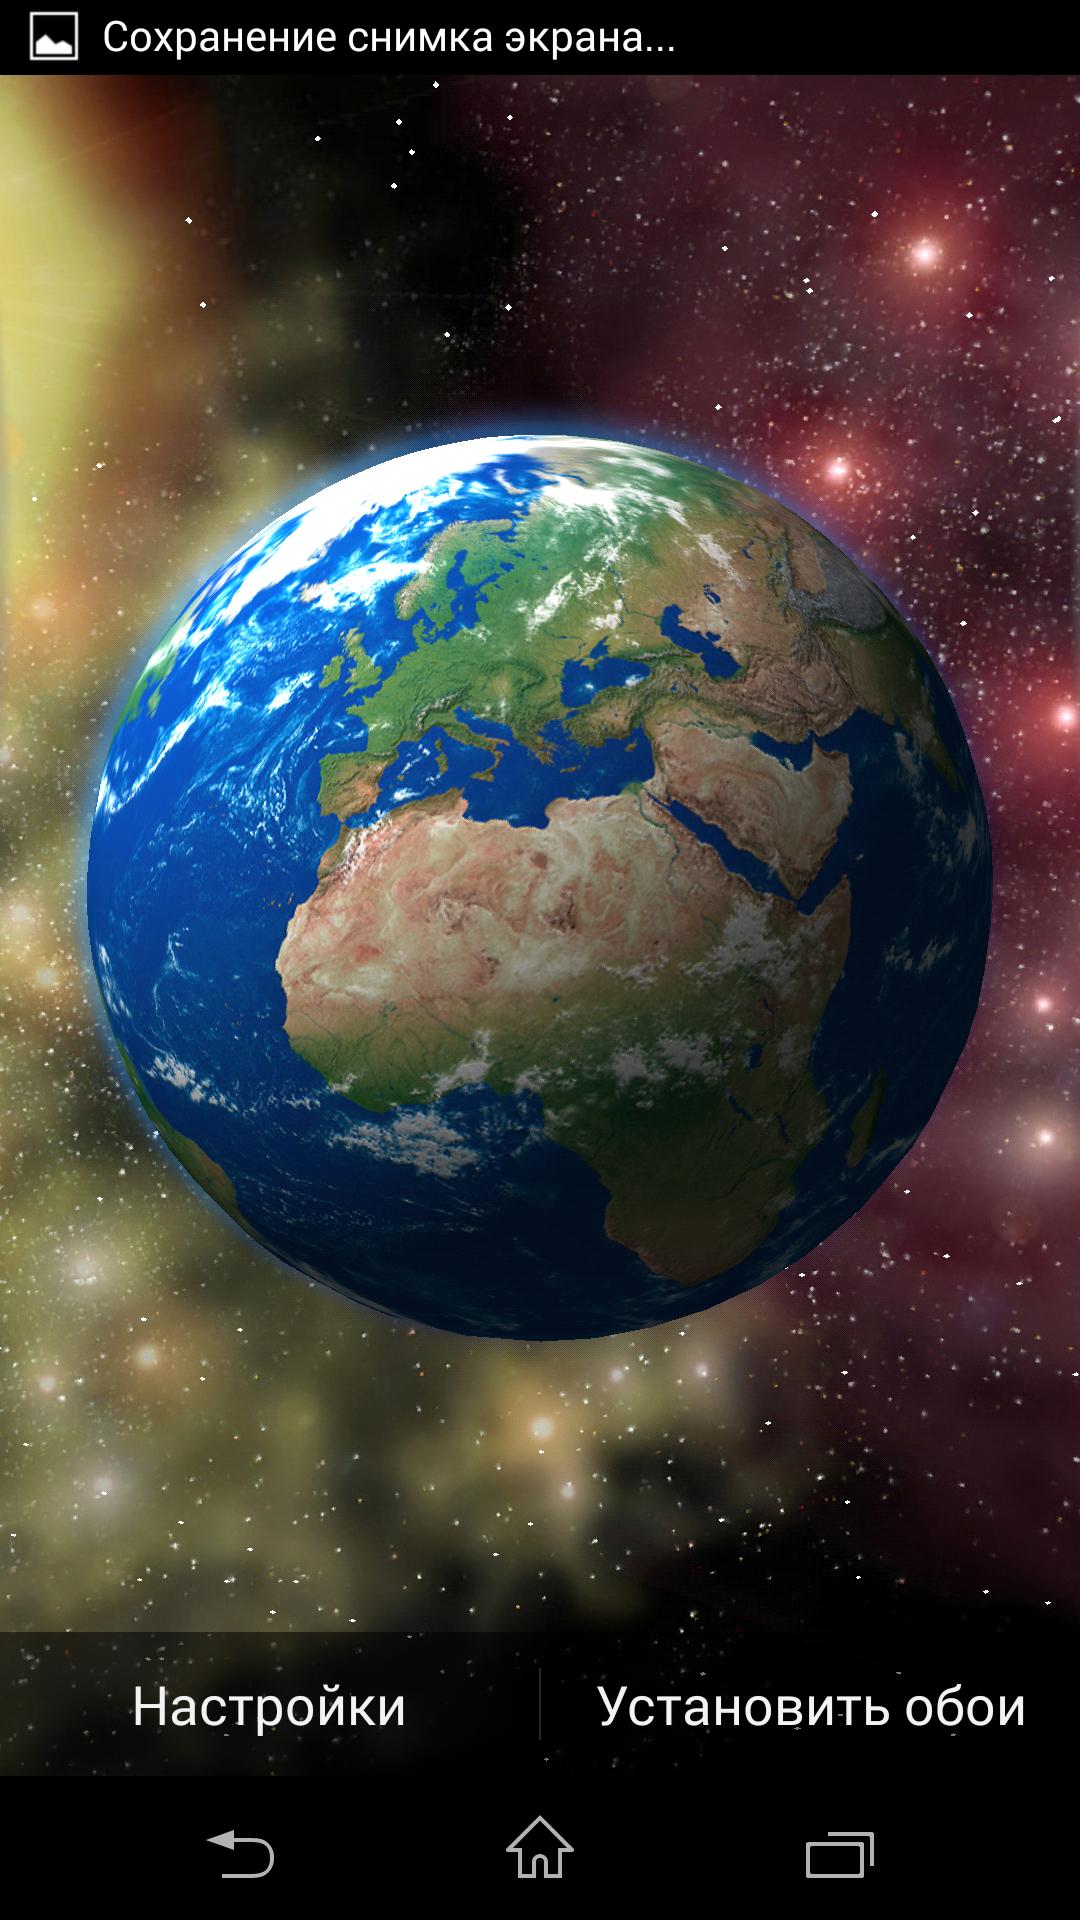 Обои планеты. Космос